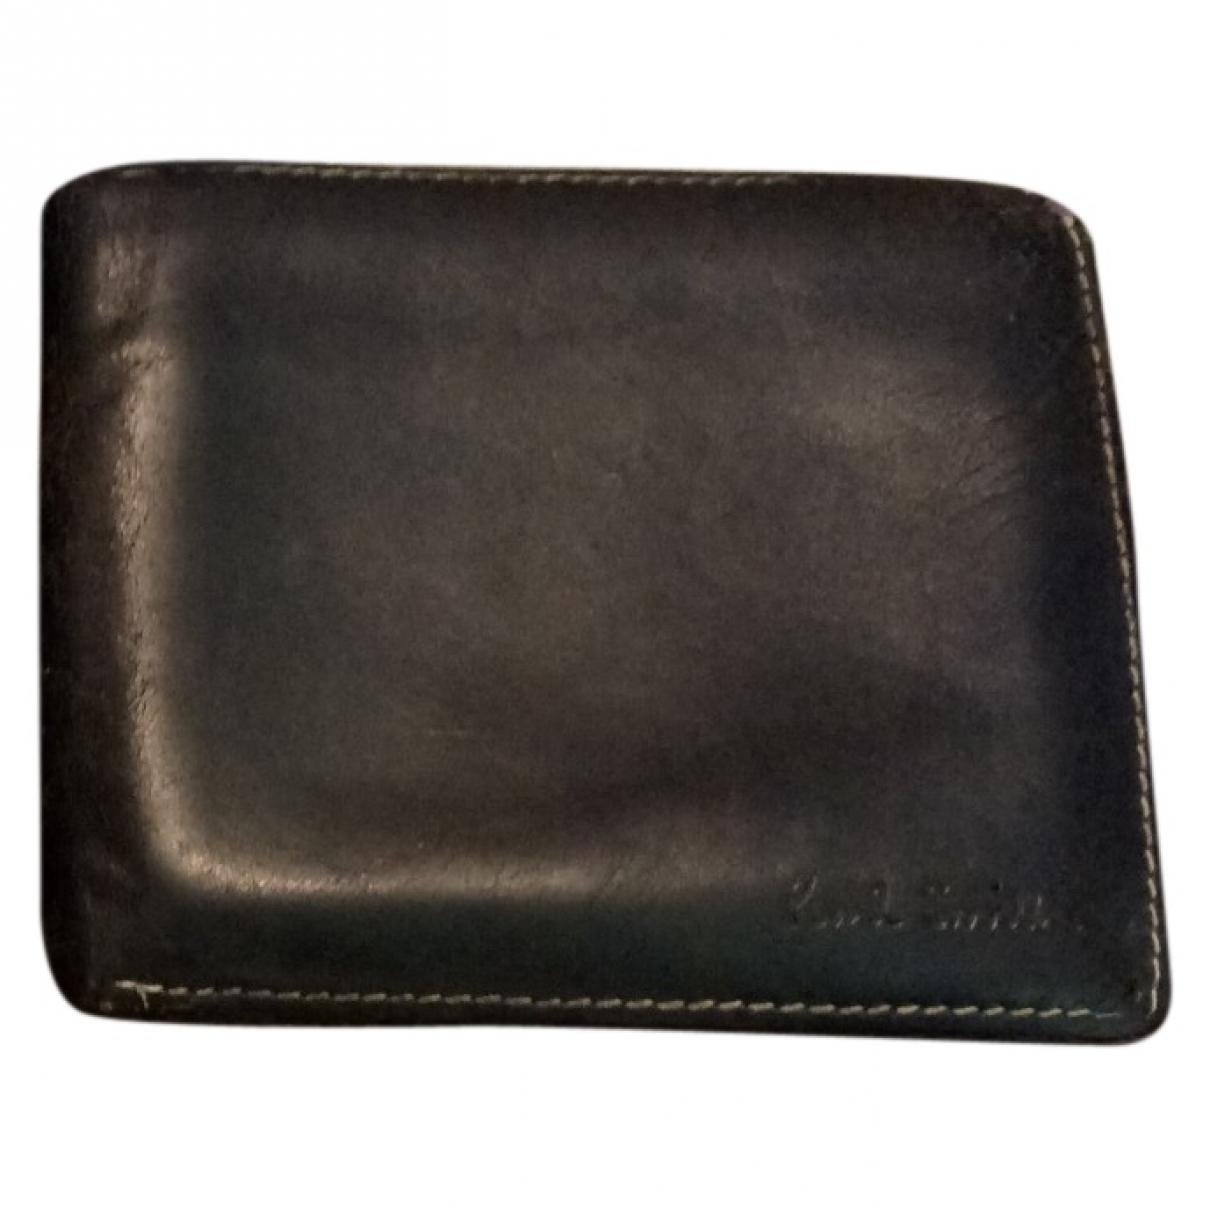 Paul Smith - Petite maroquinerie   pour homme en cuir - noir